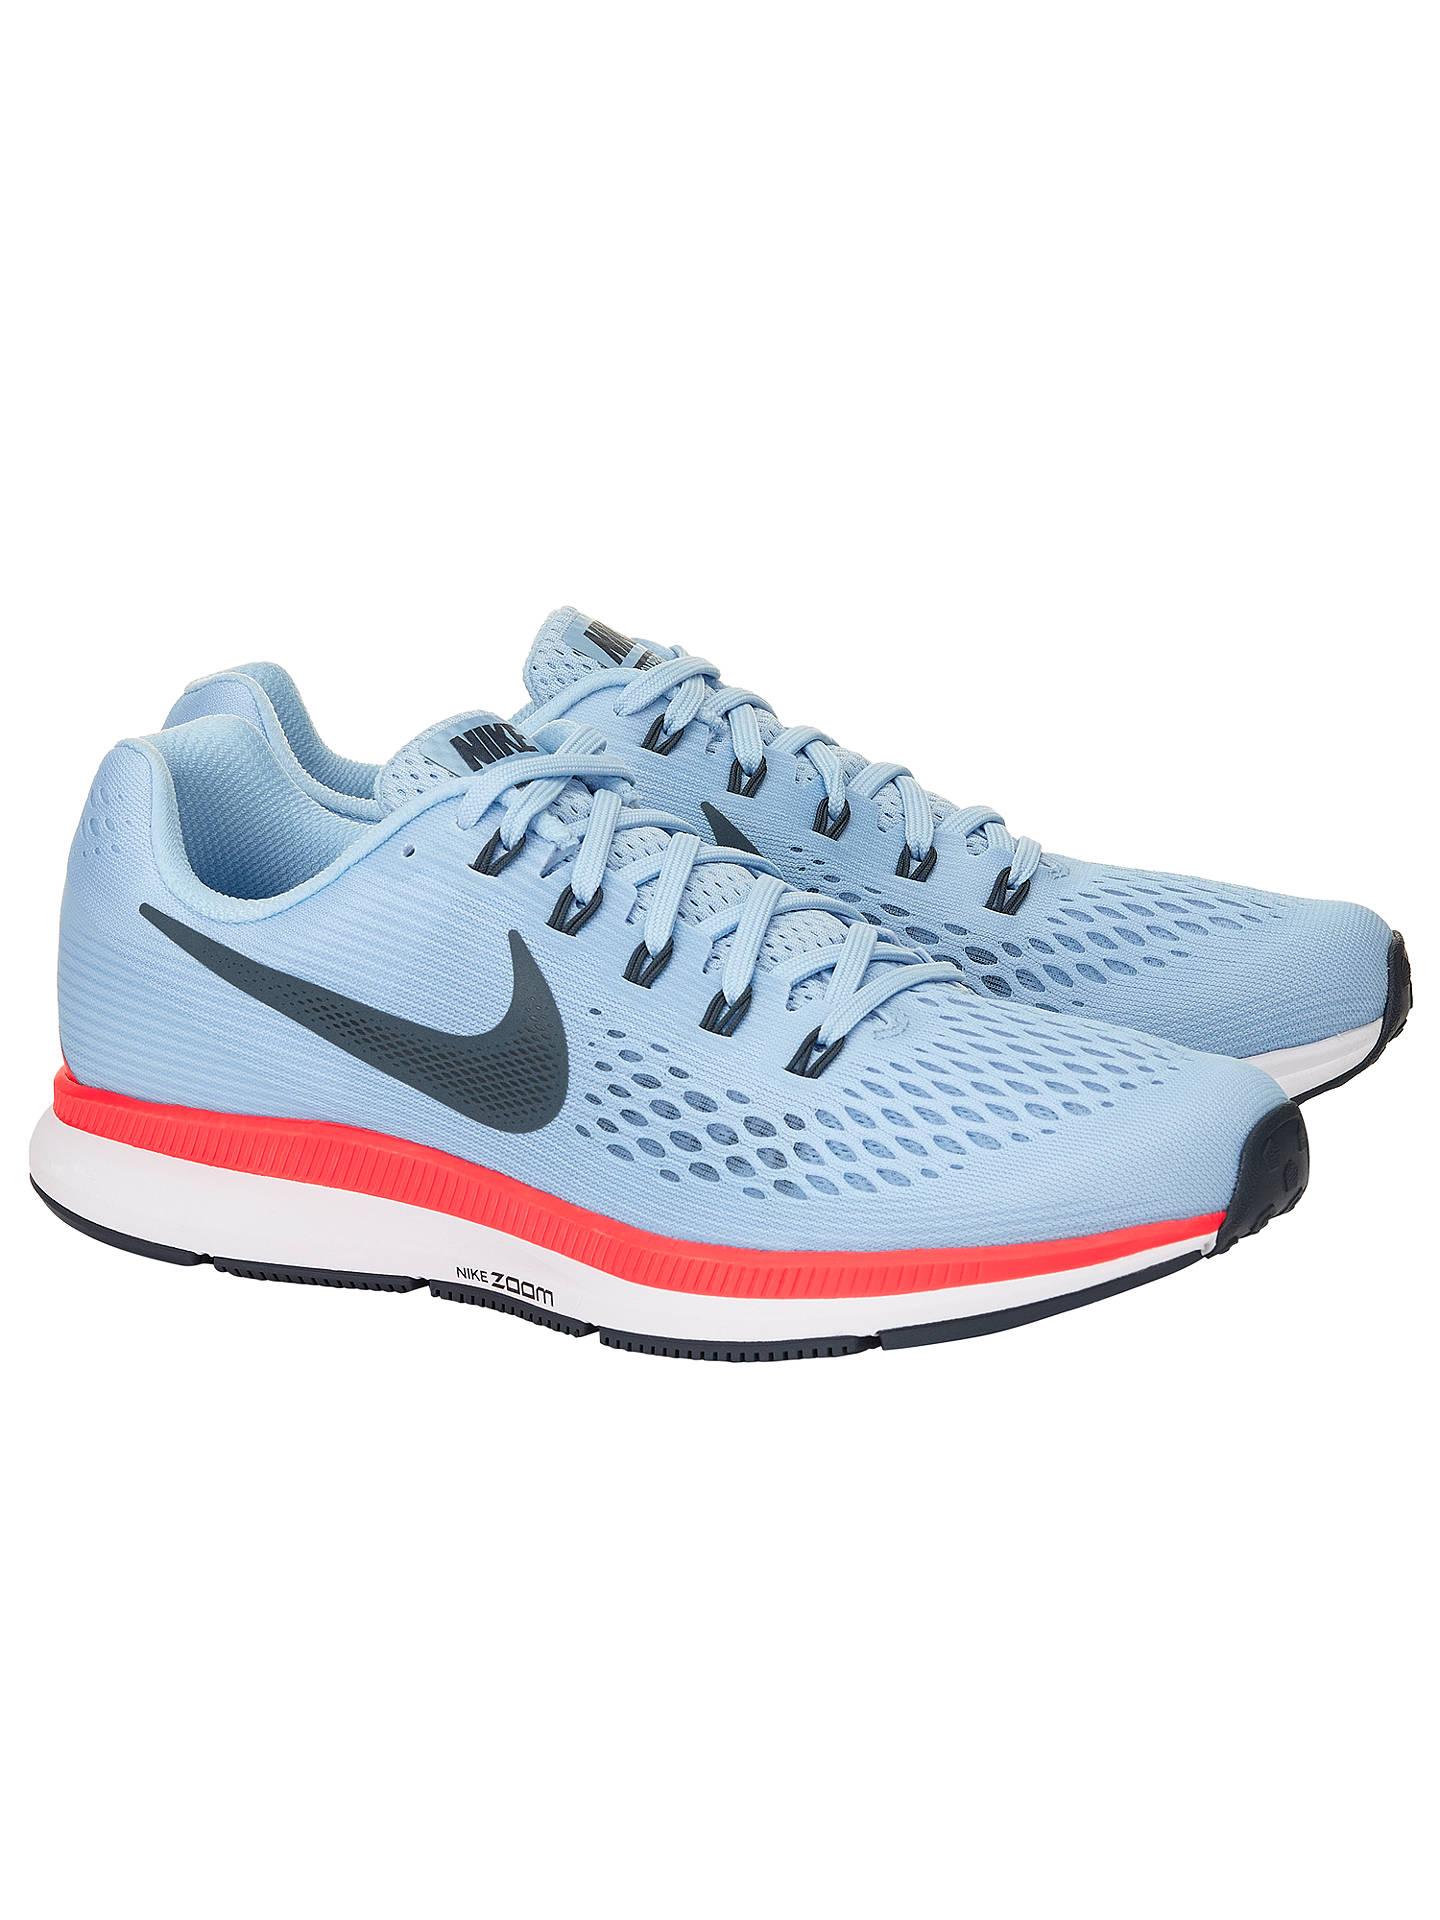 c526ffc8b63 Nike Air Zoom Pegasus 34 Men's Running Shoes, Blue at John Lewis ...